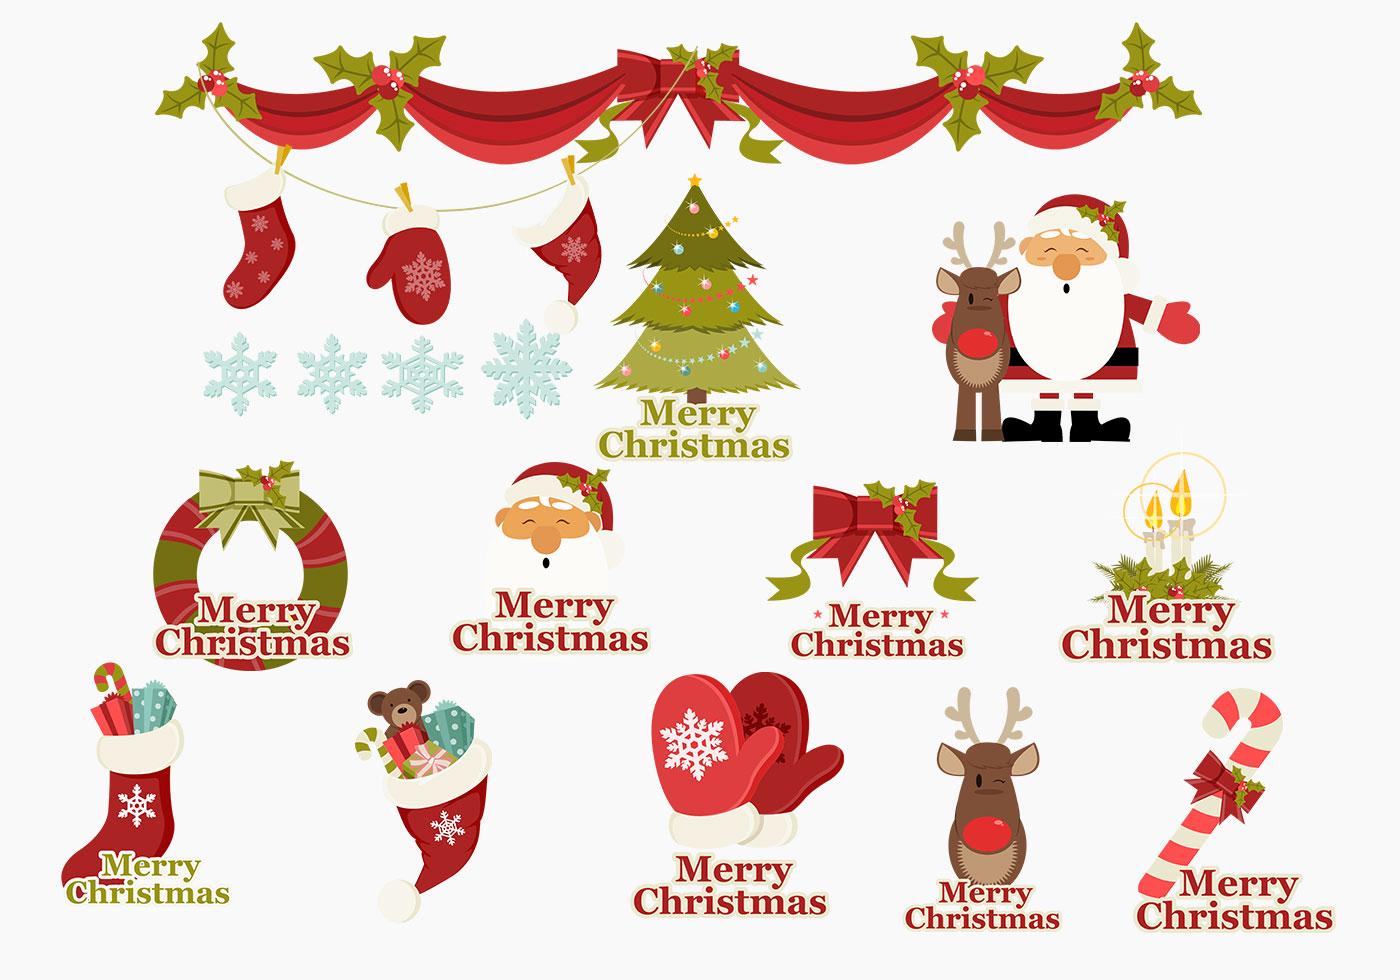 Merry Christmas Icons Brush Pack - Free Photoshop Brushes at Brusheezy!